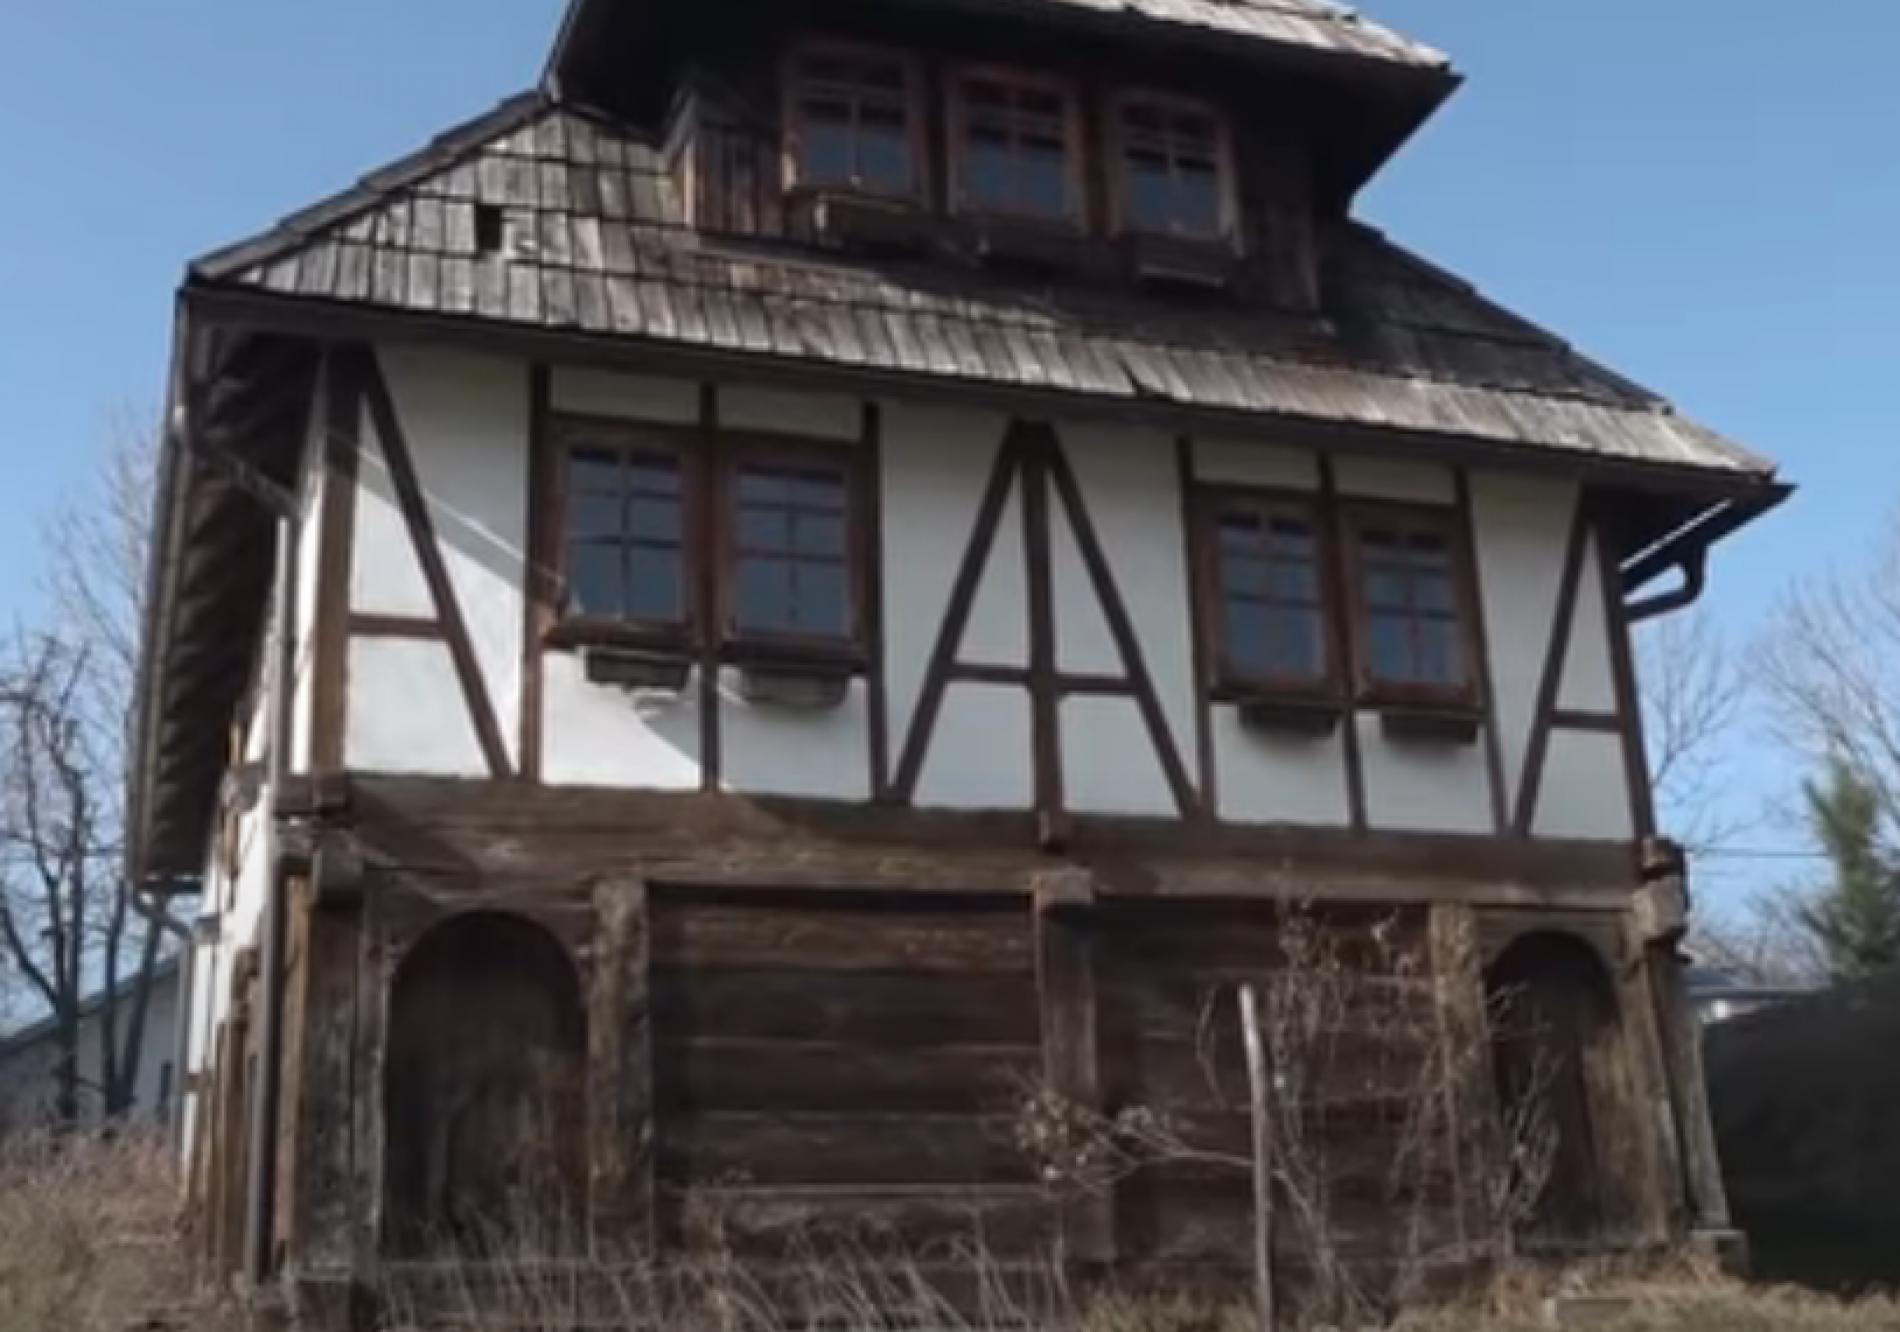 Život u bosanskoj kući staroj preko 300 godina (Video)